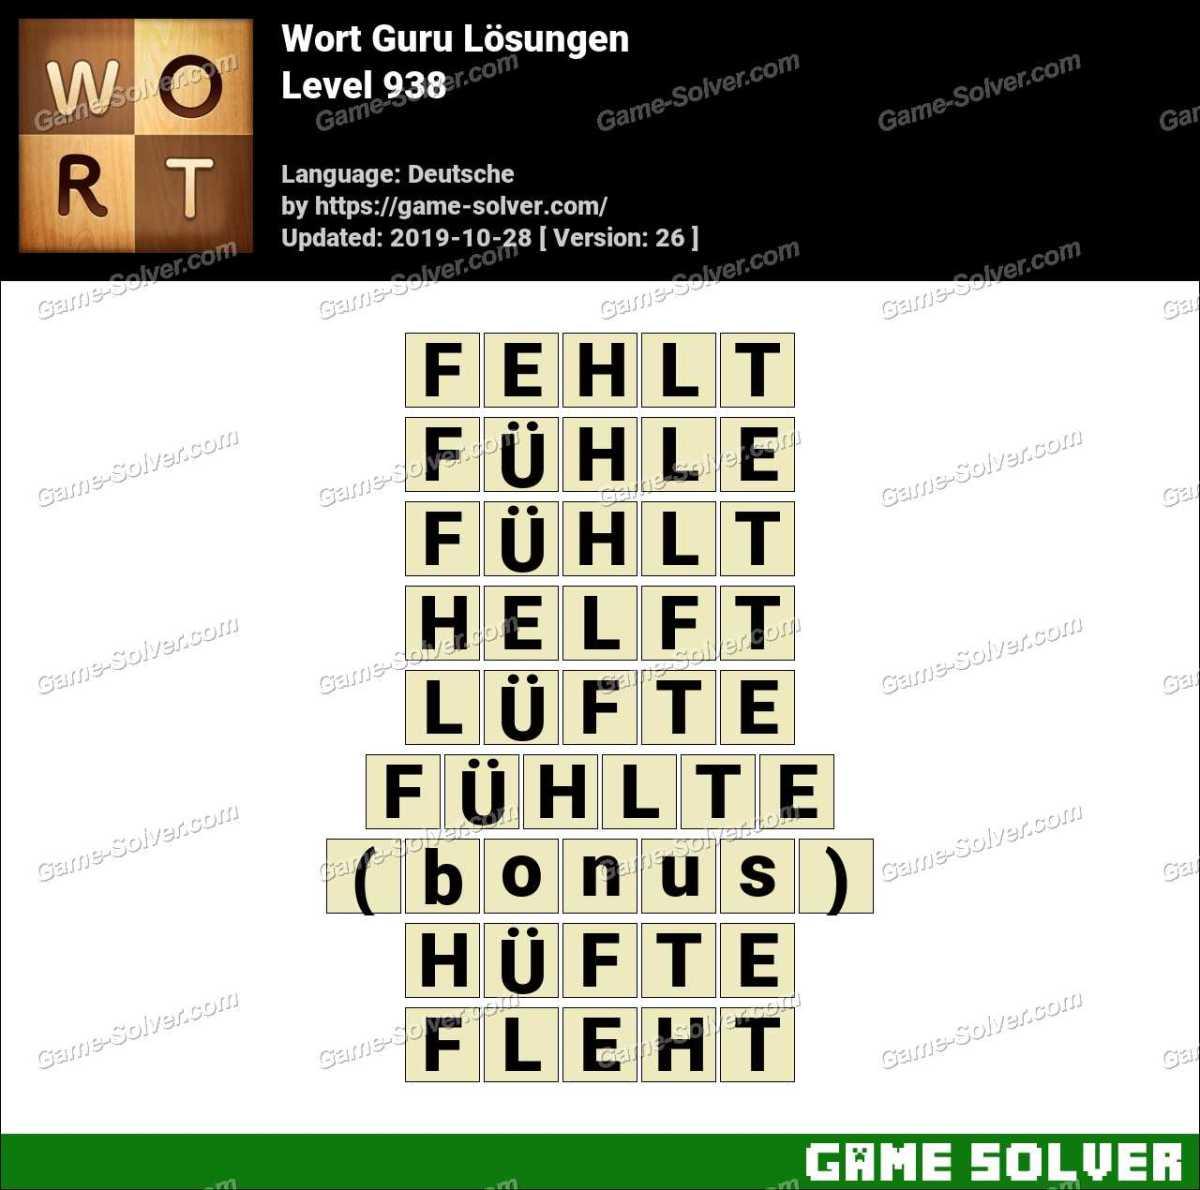 Wort Guru Level 938 Lösungen